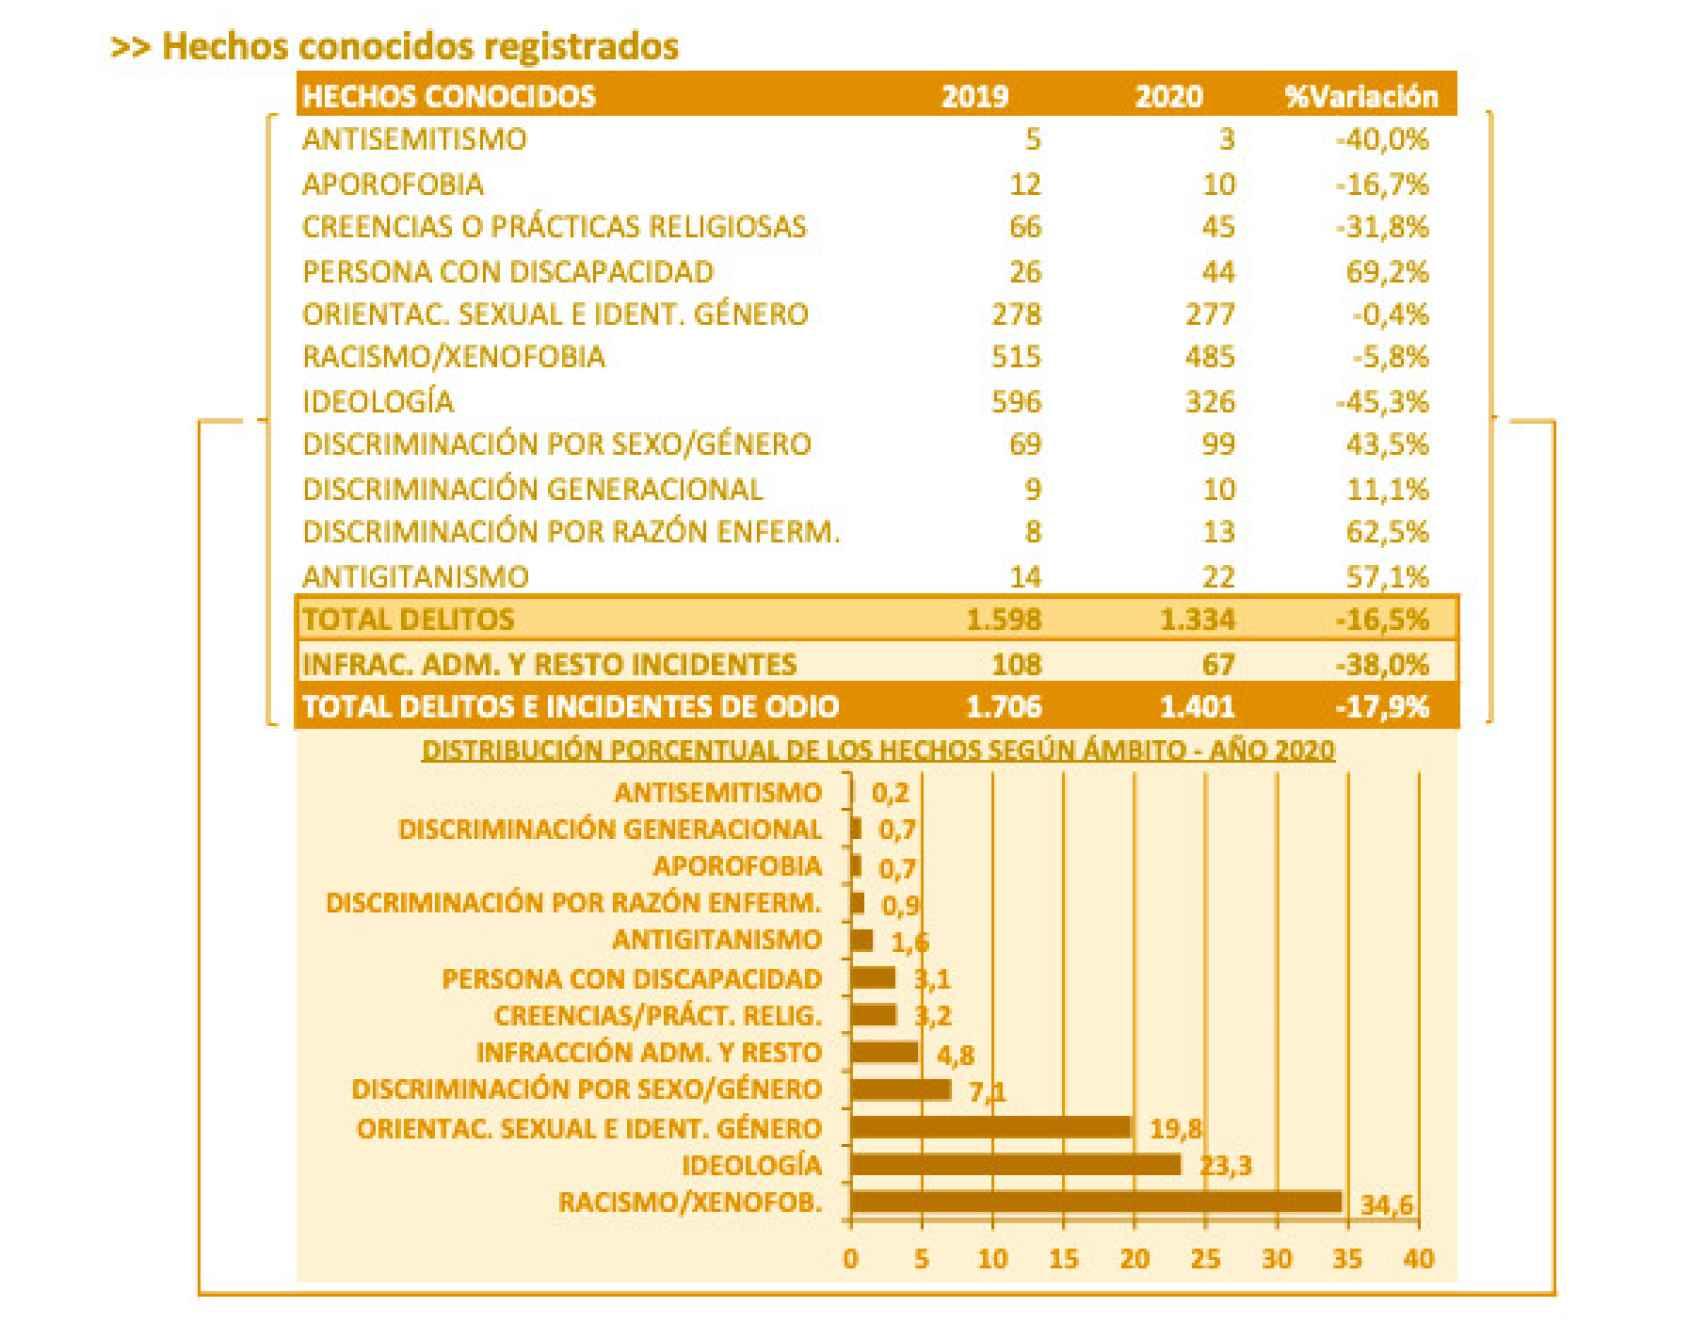 Informe 2020 sobre la evolución de los delitos de odio en España.